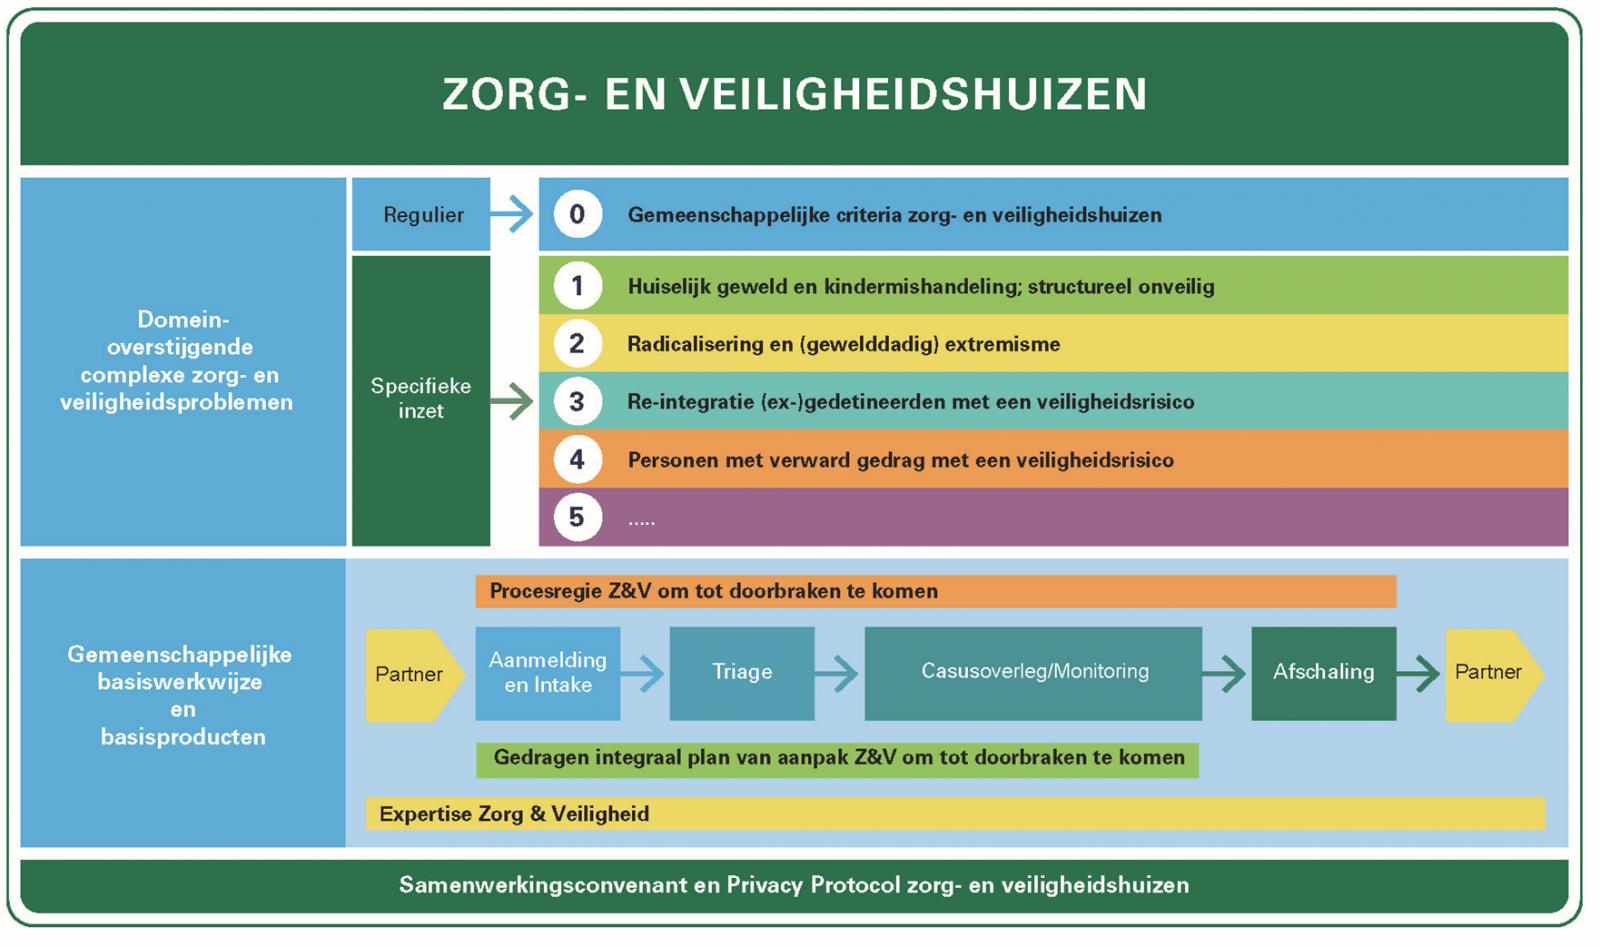 Infographic Zorg- en veiligheidshuizen